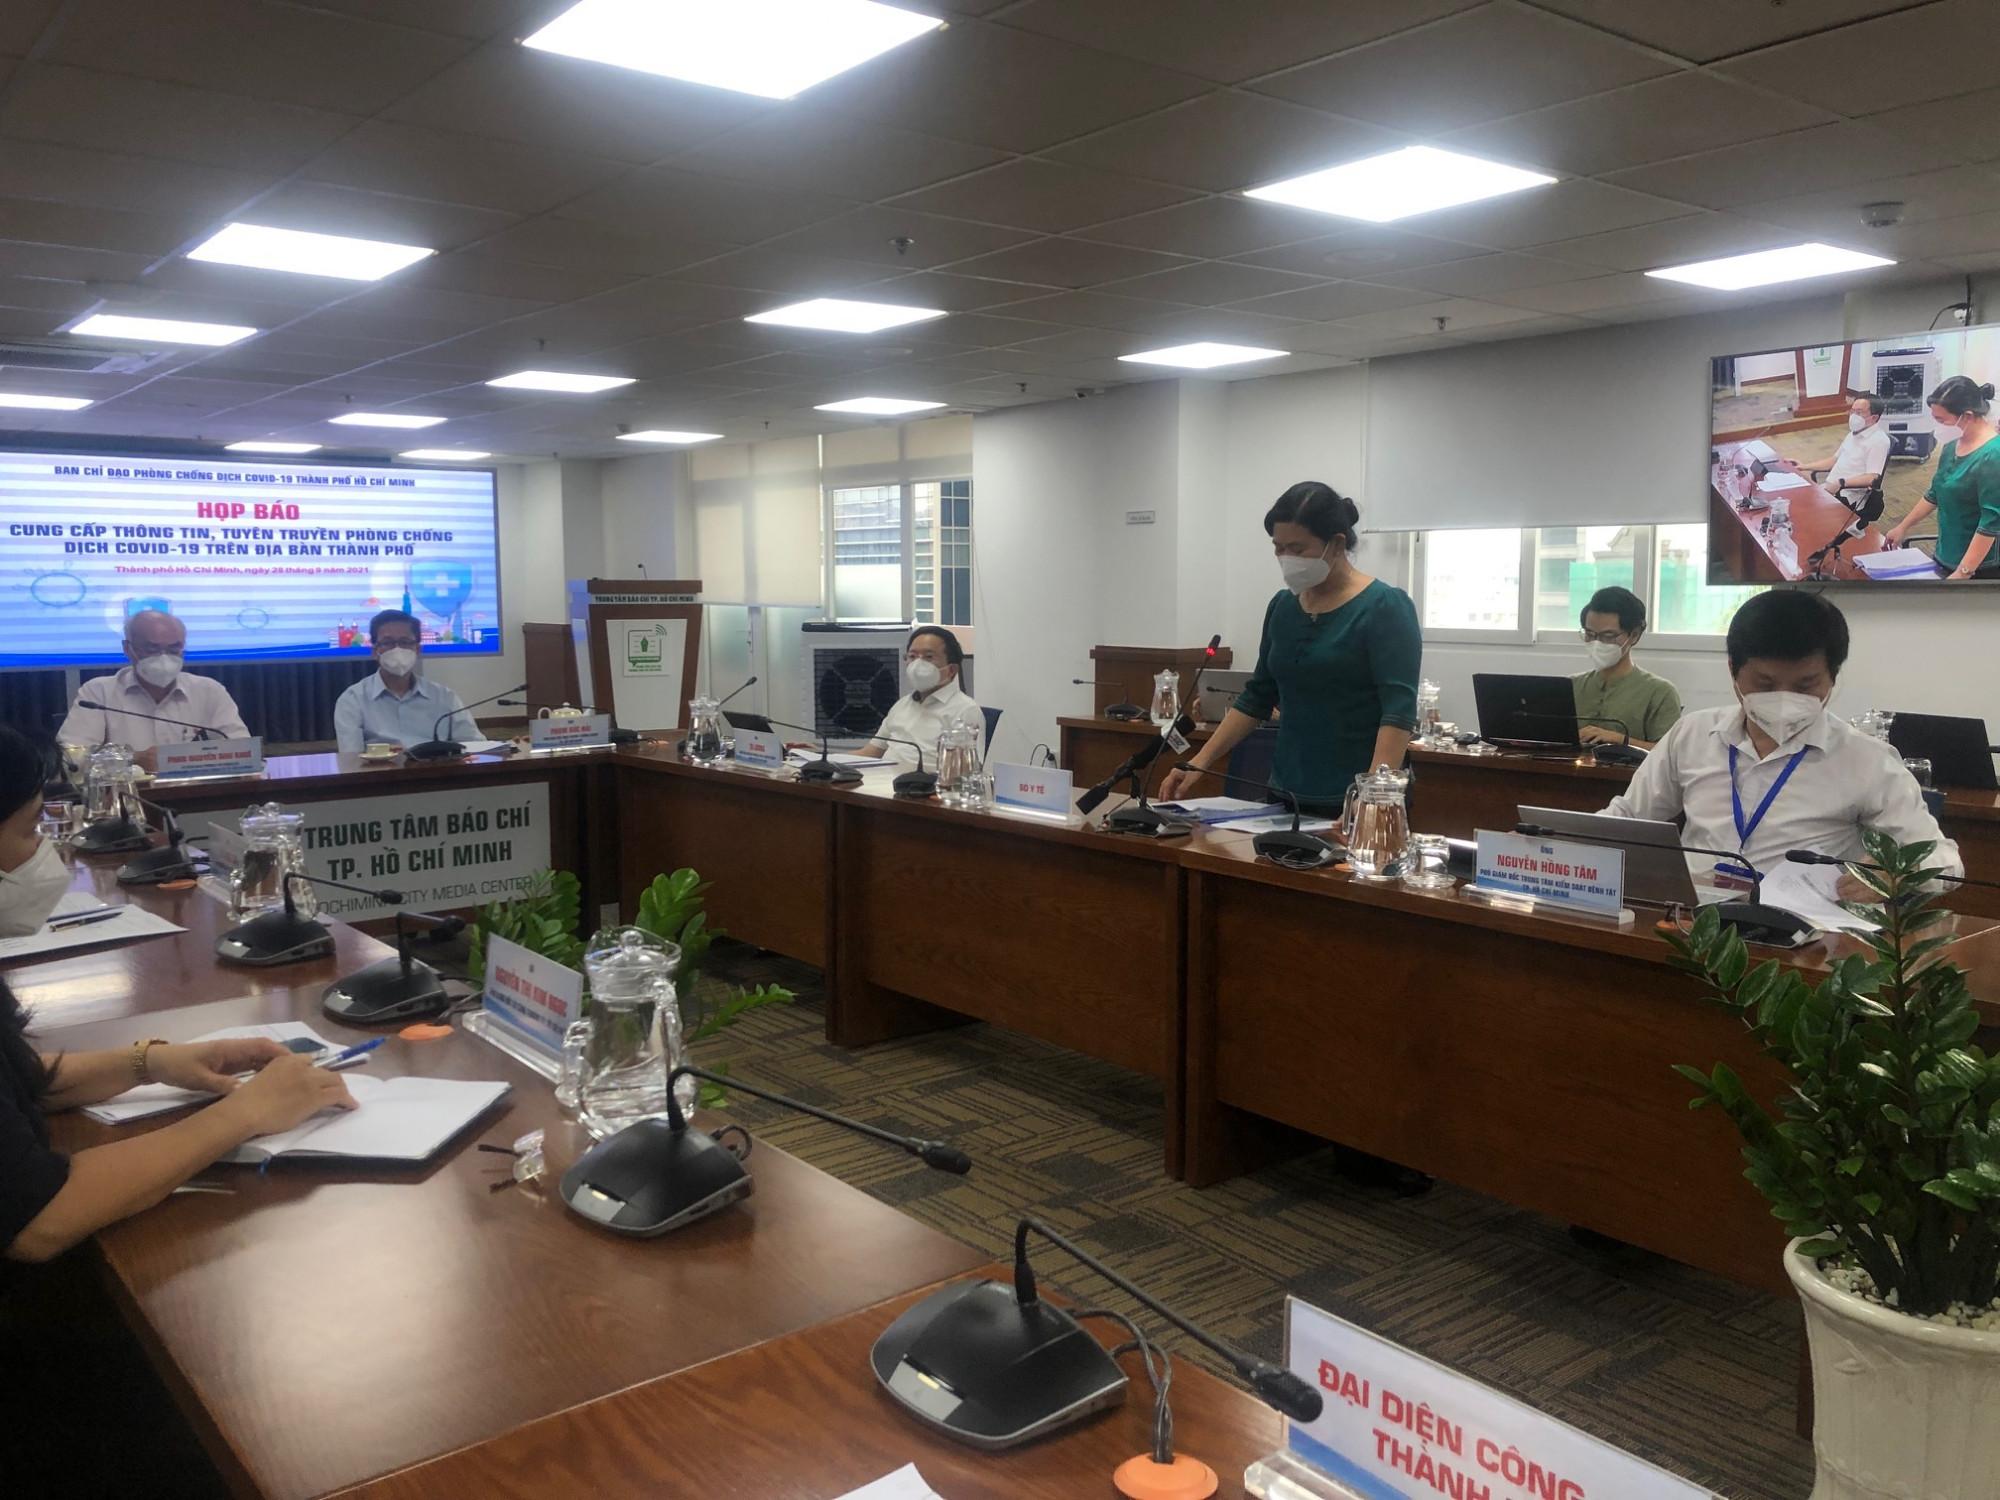 Bác sĩ Nguyễn Thị Huỳnh Mai - Chánh văn phòng Sở Y tế TPHCM - trả lời báo chí chiều 28/9. Ảnh: Quốc Ngọc